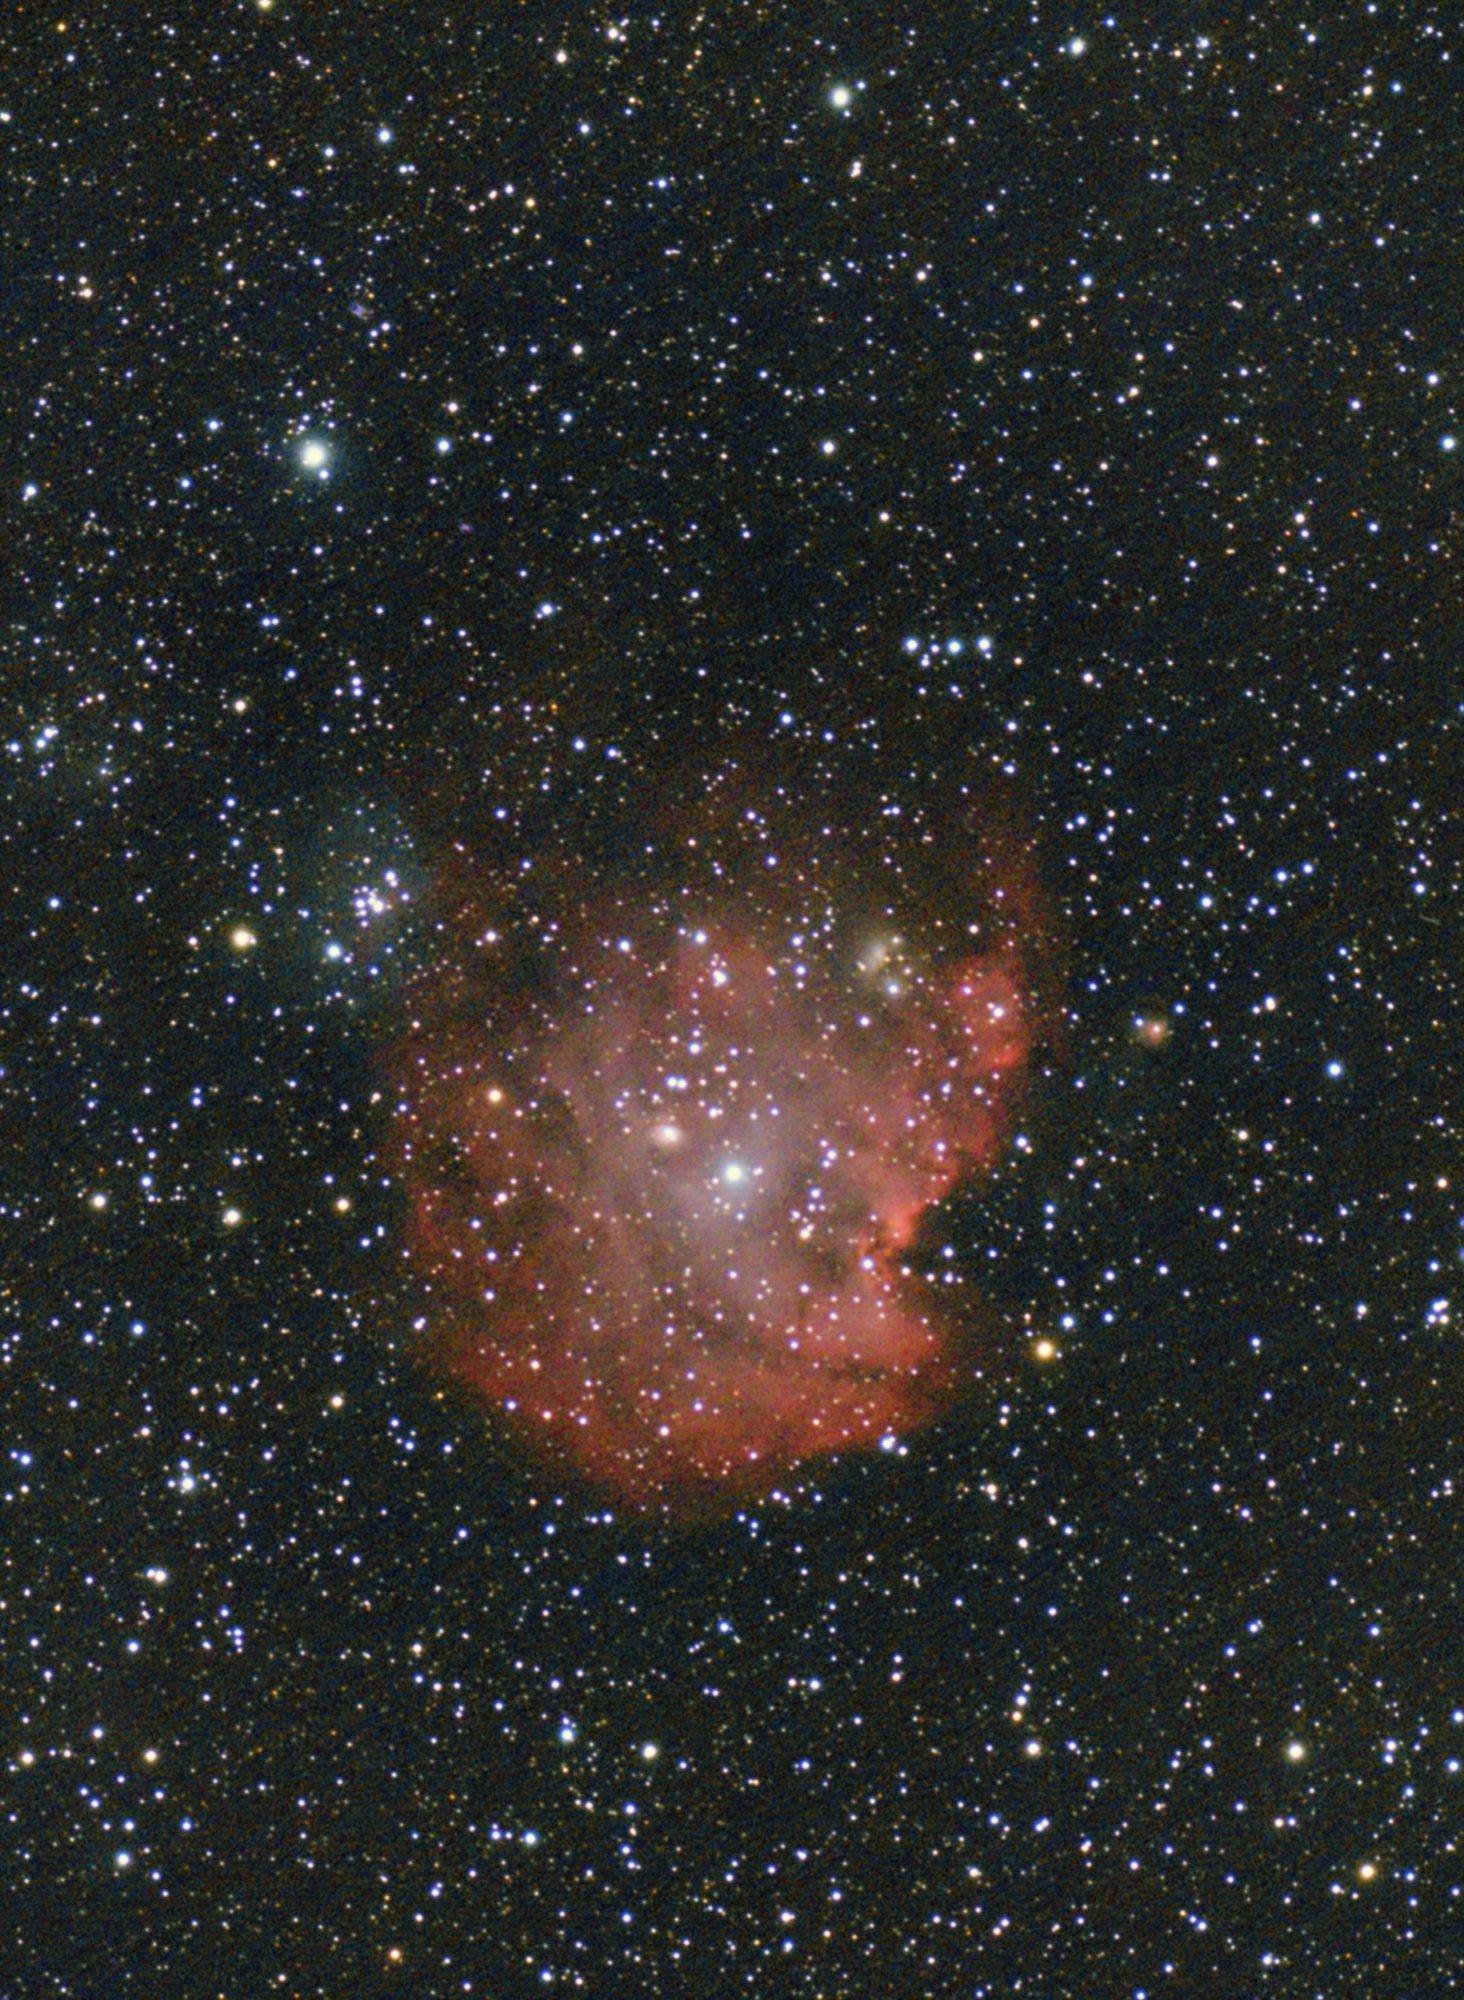 NGC2174_Astrosurf.thumb.jpg.cd7a5ead110e04684c85c8e686e61239_22.jpg.f4da66b4a7981732e5ed91a08c915acb.jpg